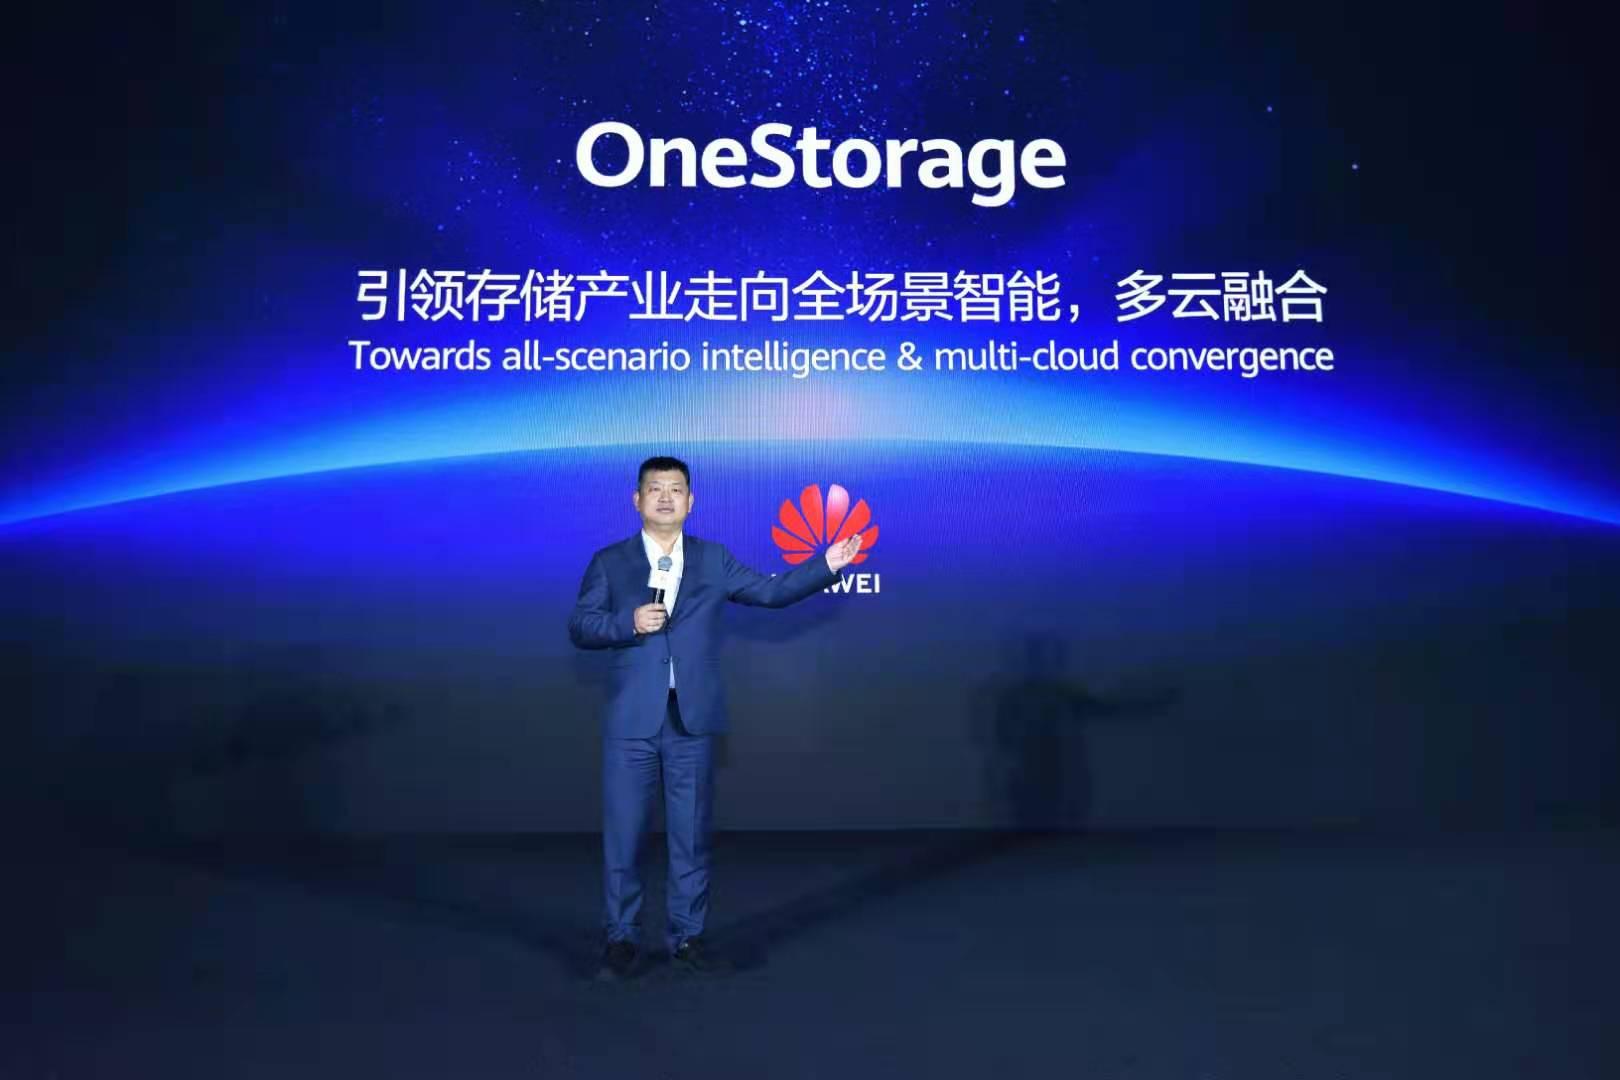 华为周跃峰:OneStorage引领存储产业走向全场景智能